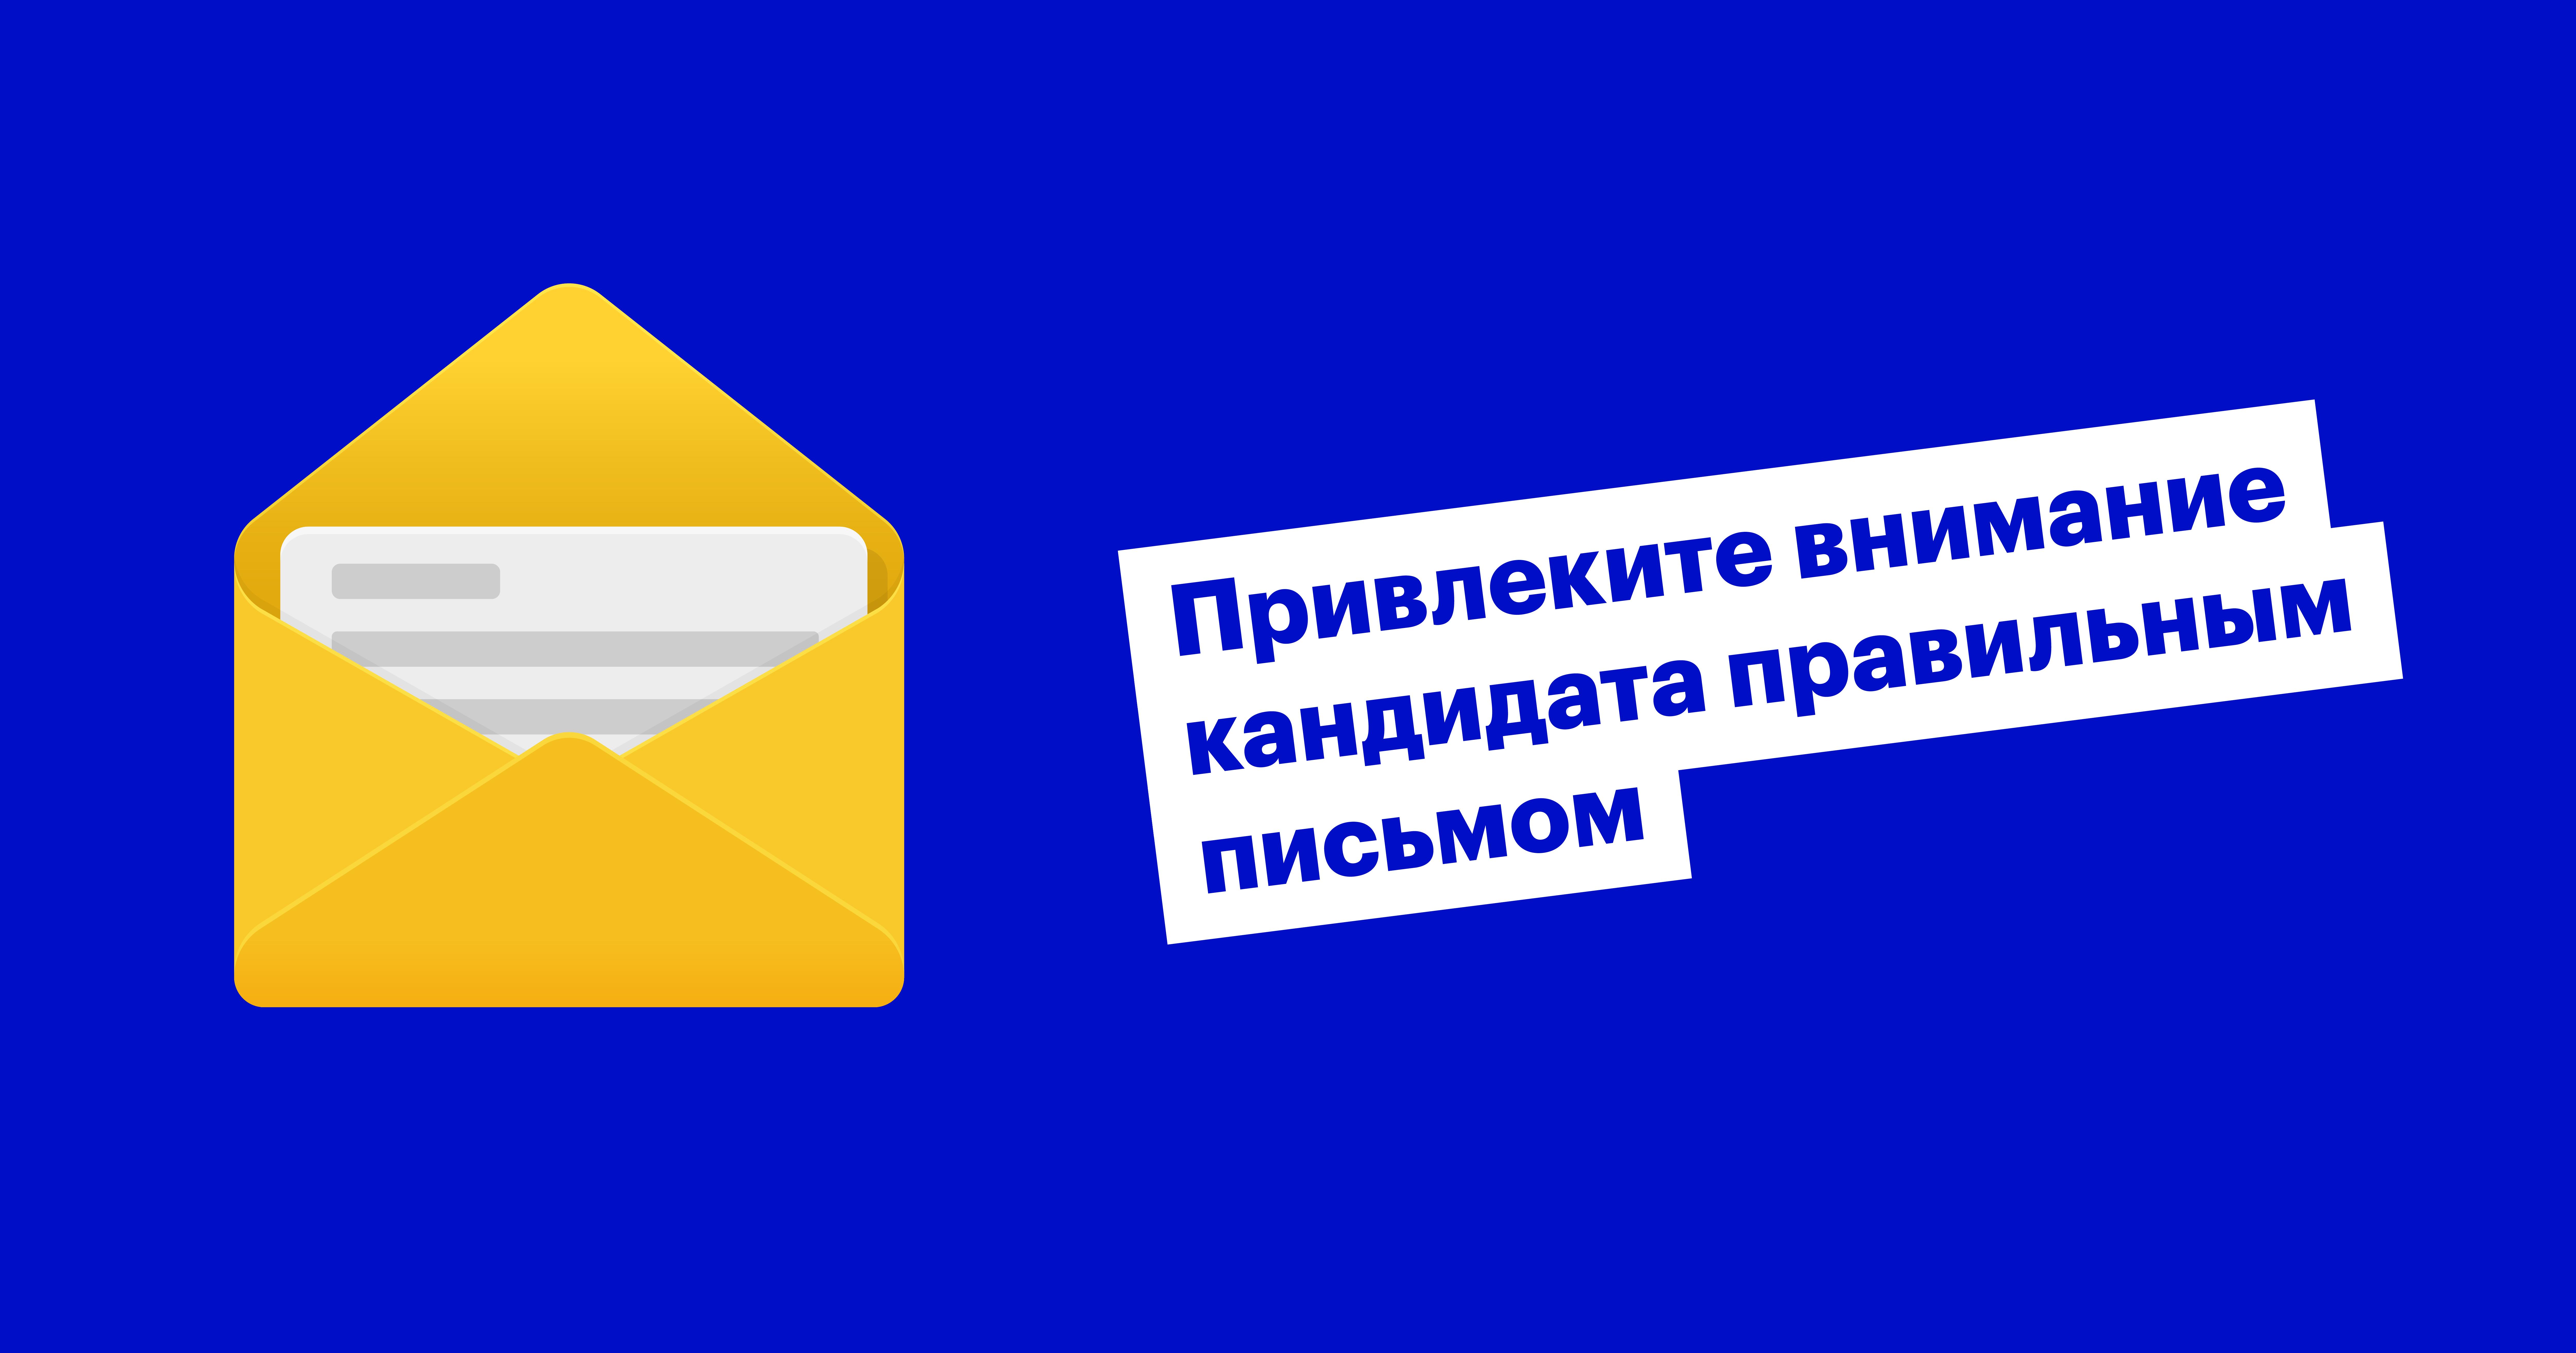 хантфлоу, huntflow, письмо, имейл, холодный кандидат, рекрутинг